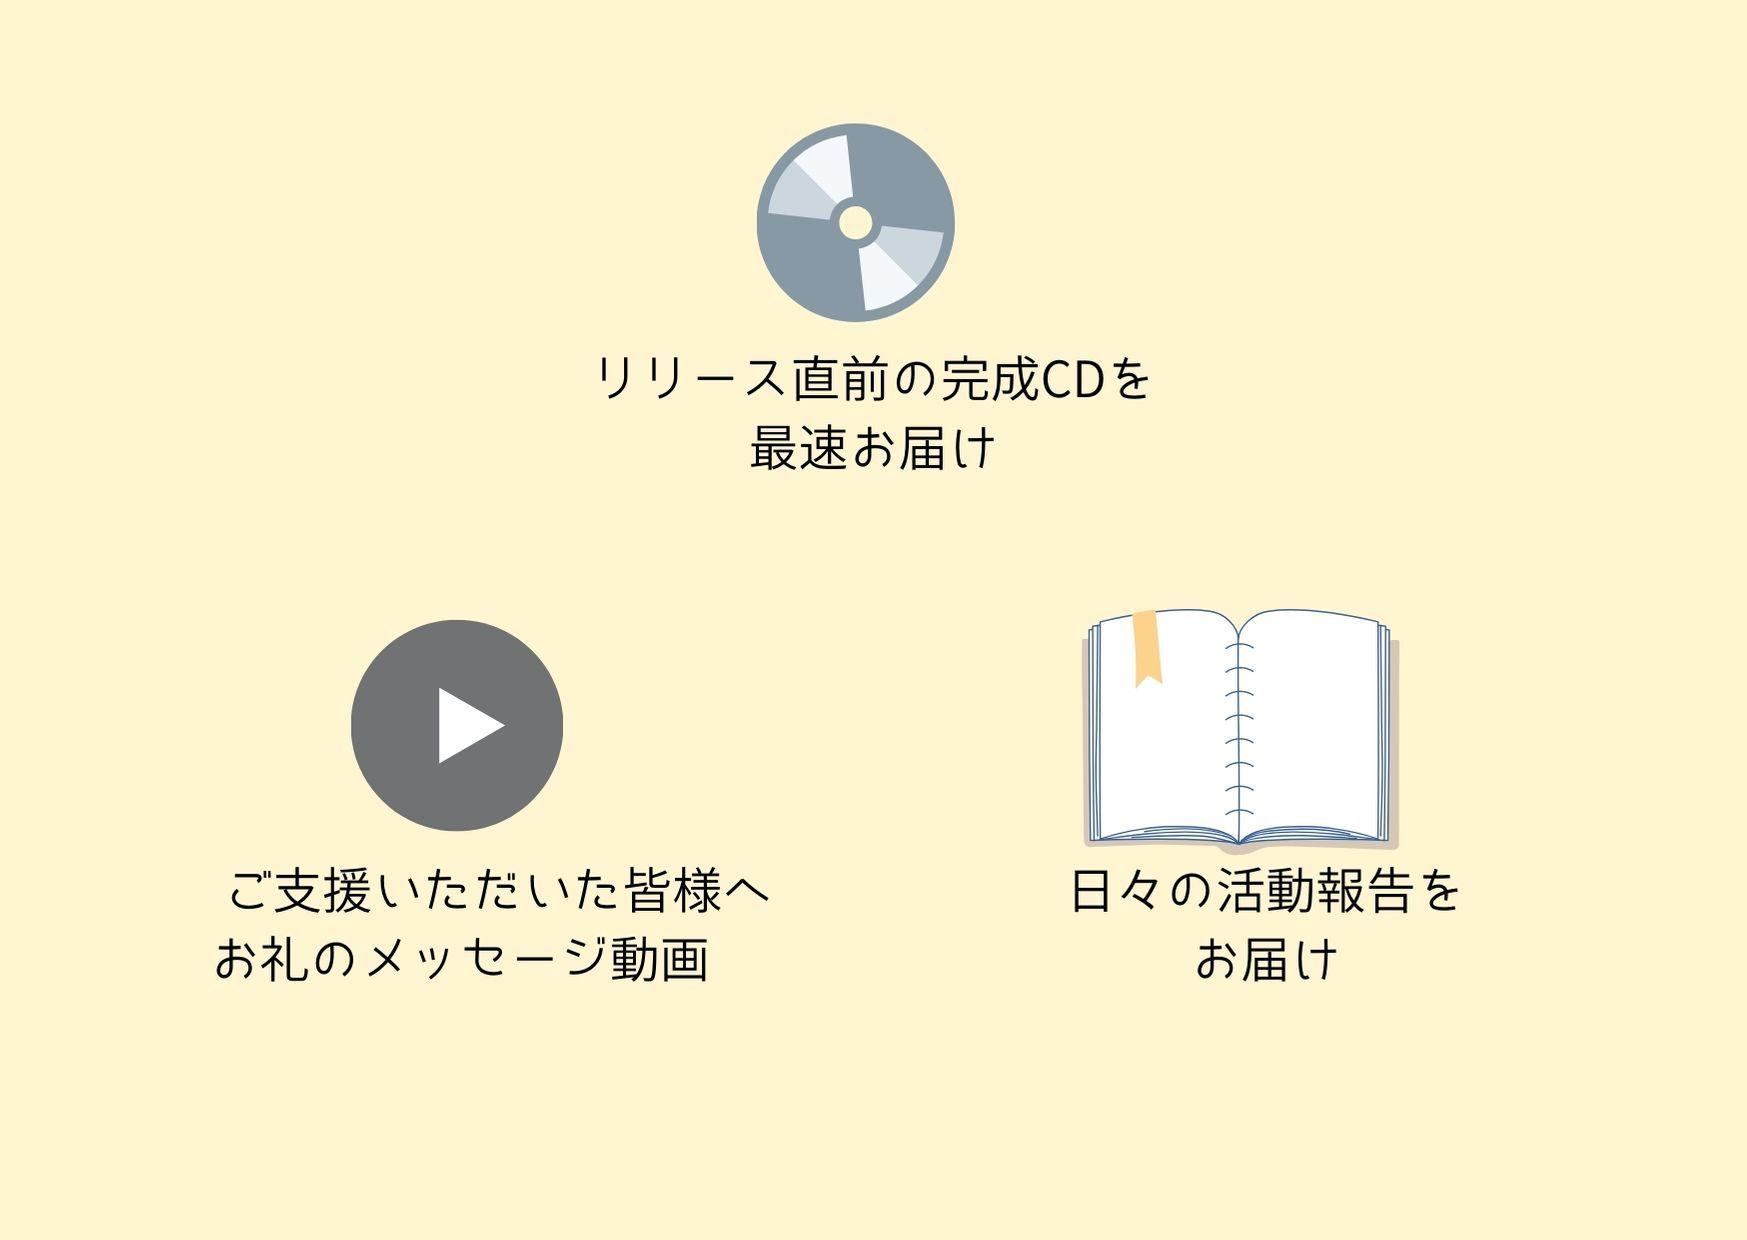 <アルバム最速お届け! プラン>